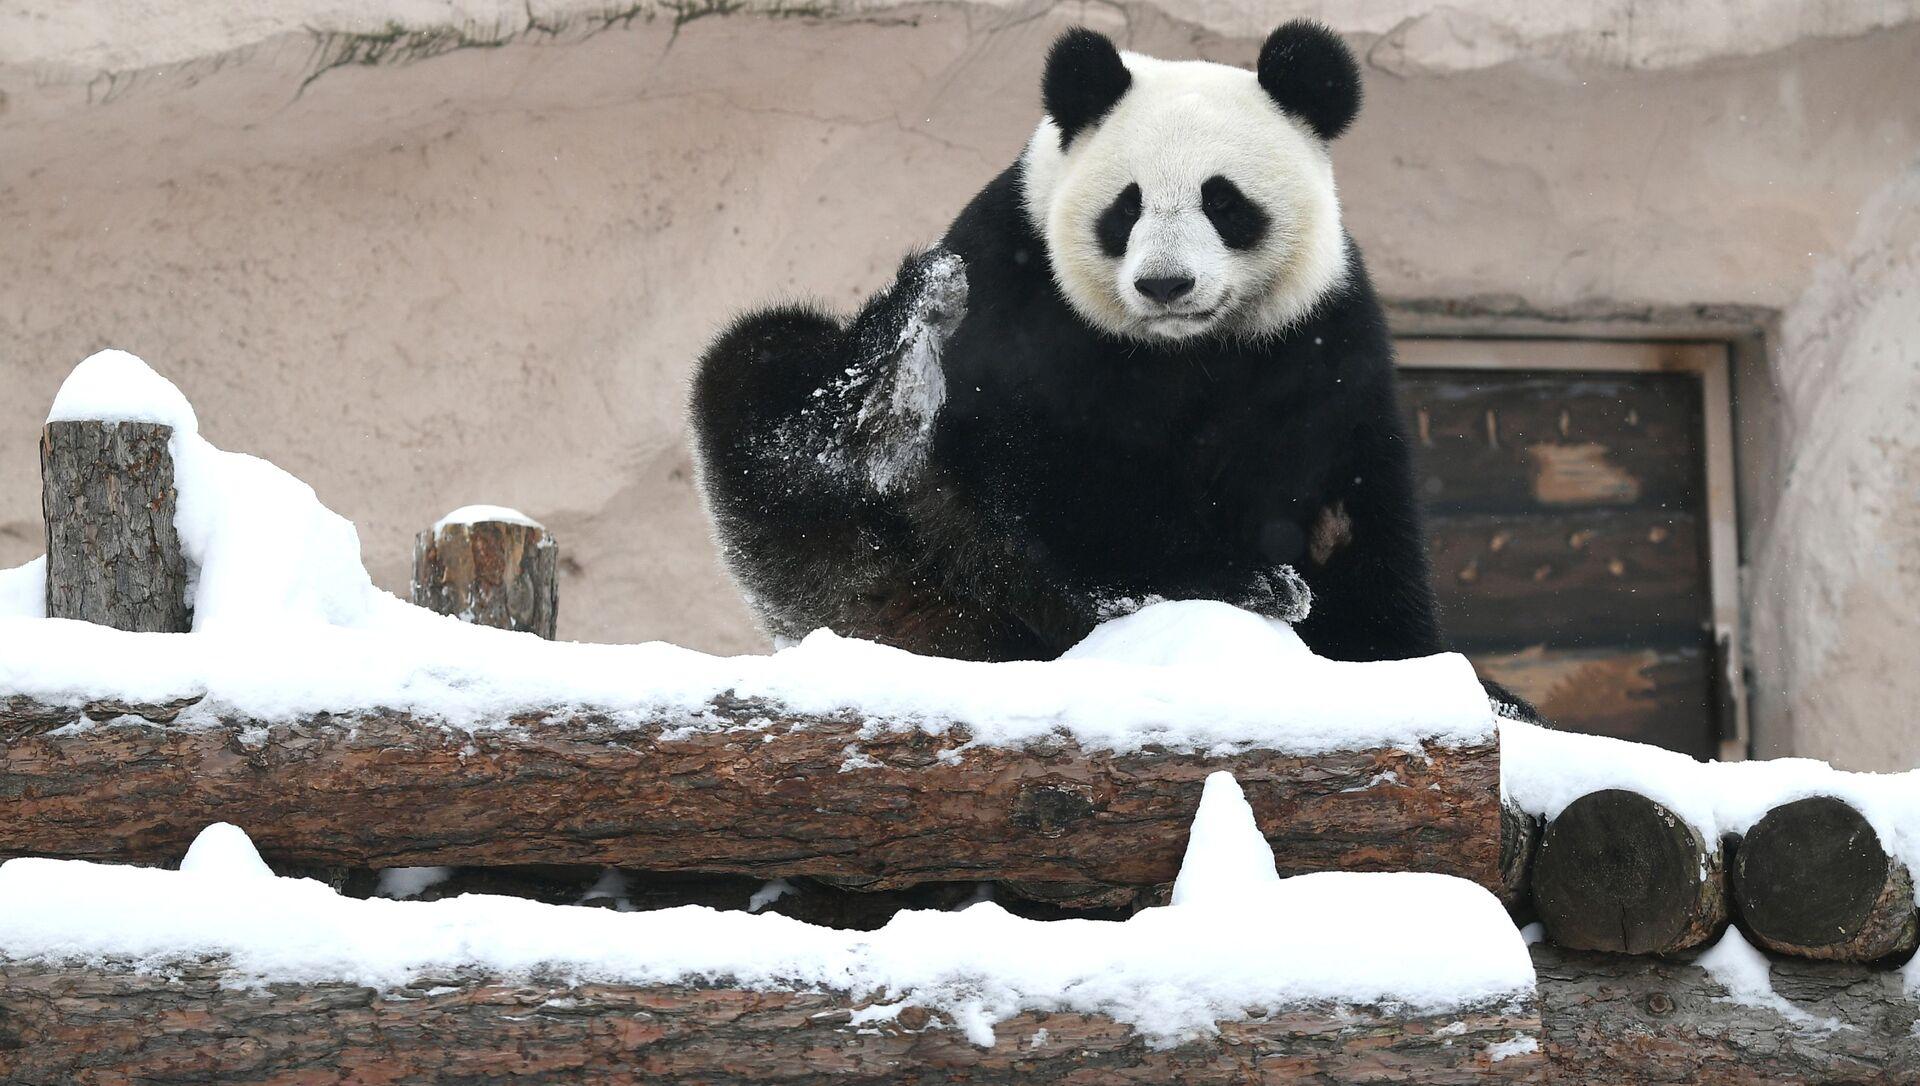 Panda u Moskovskom zoološkom vrtu - Sputnik Srbija, 1920, 07.02.2021